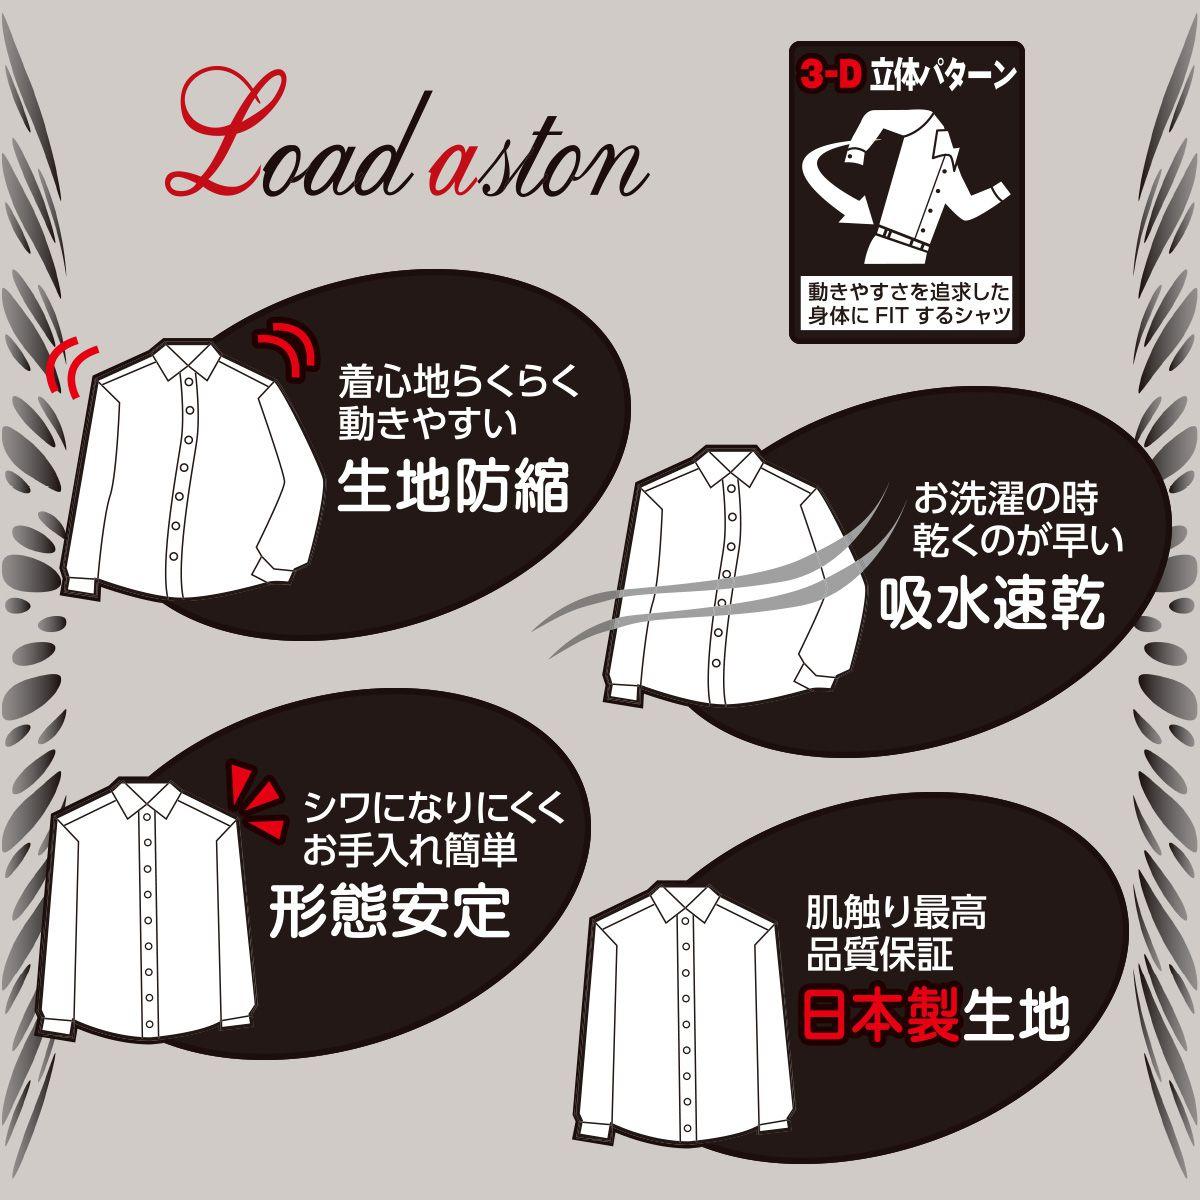 形態安定・吸水速乾 レギュラーカラー ワイシャツ 長袖 【LADE ASTON】